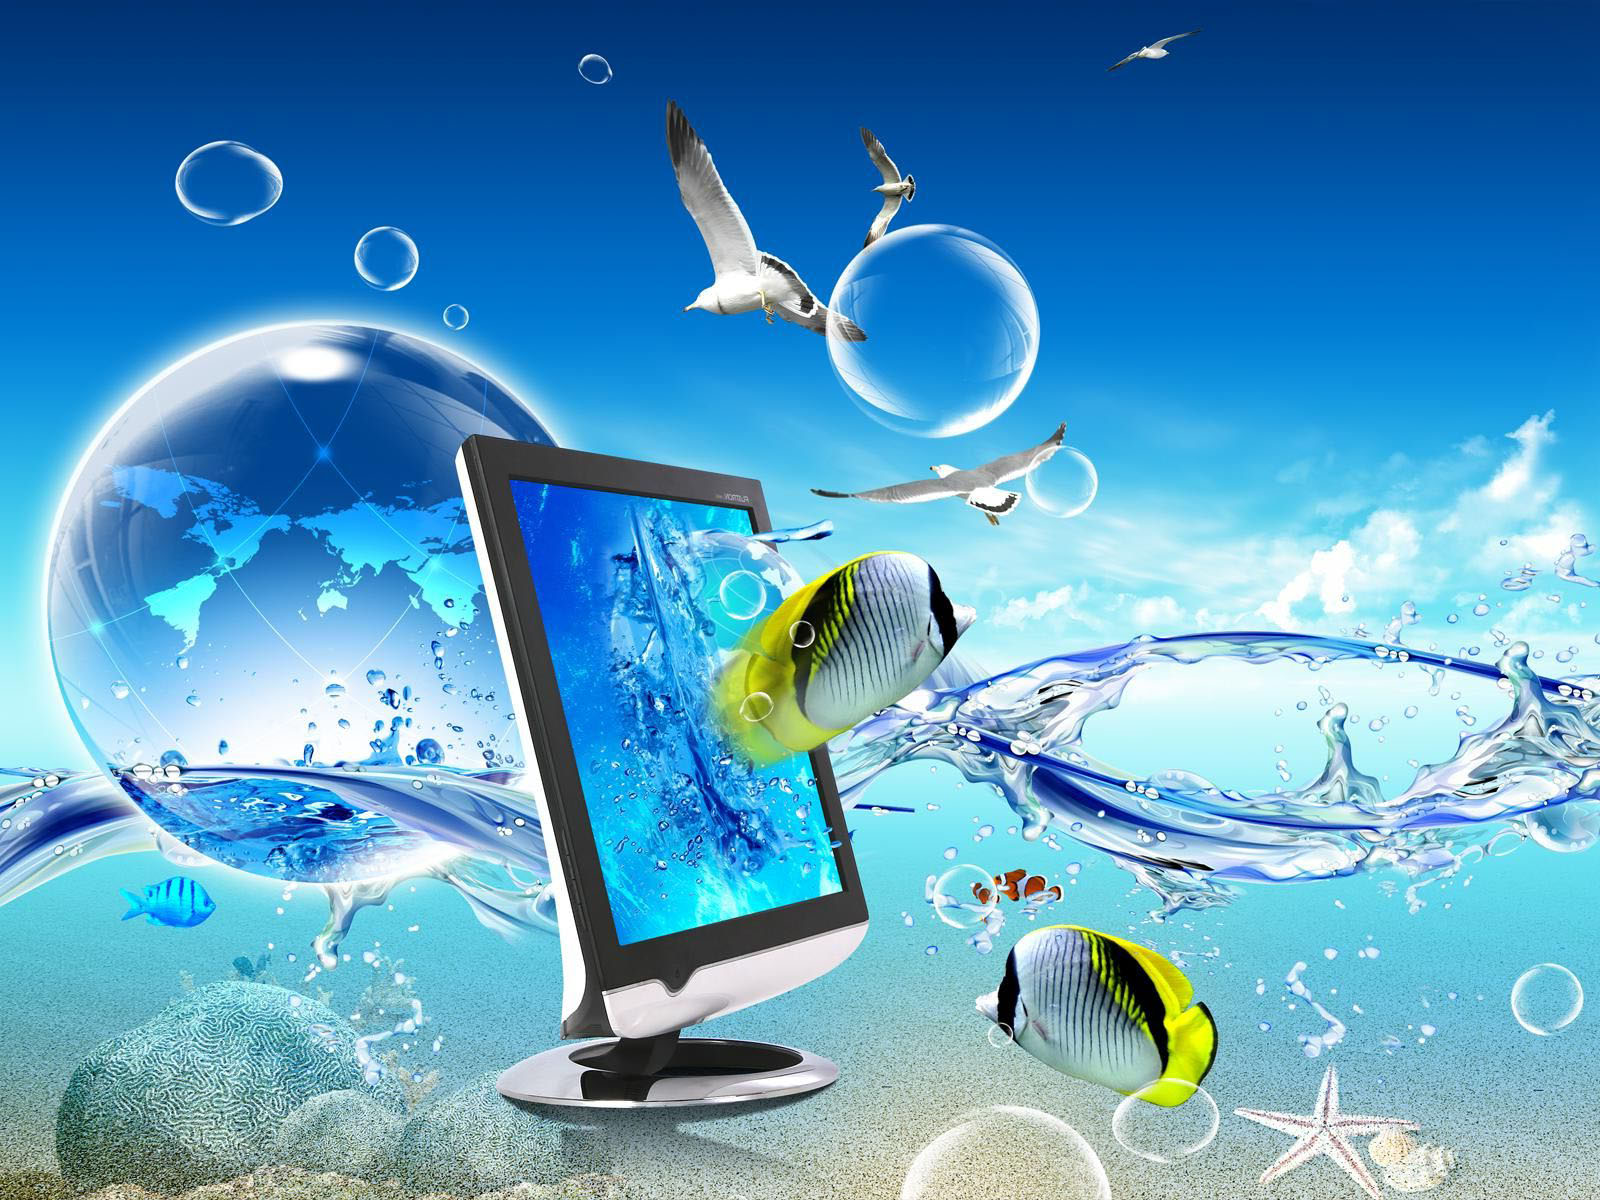 Best Desktop HD Wallpaper PC